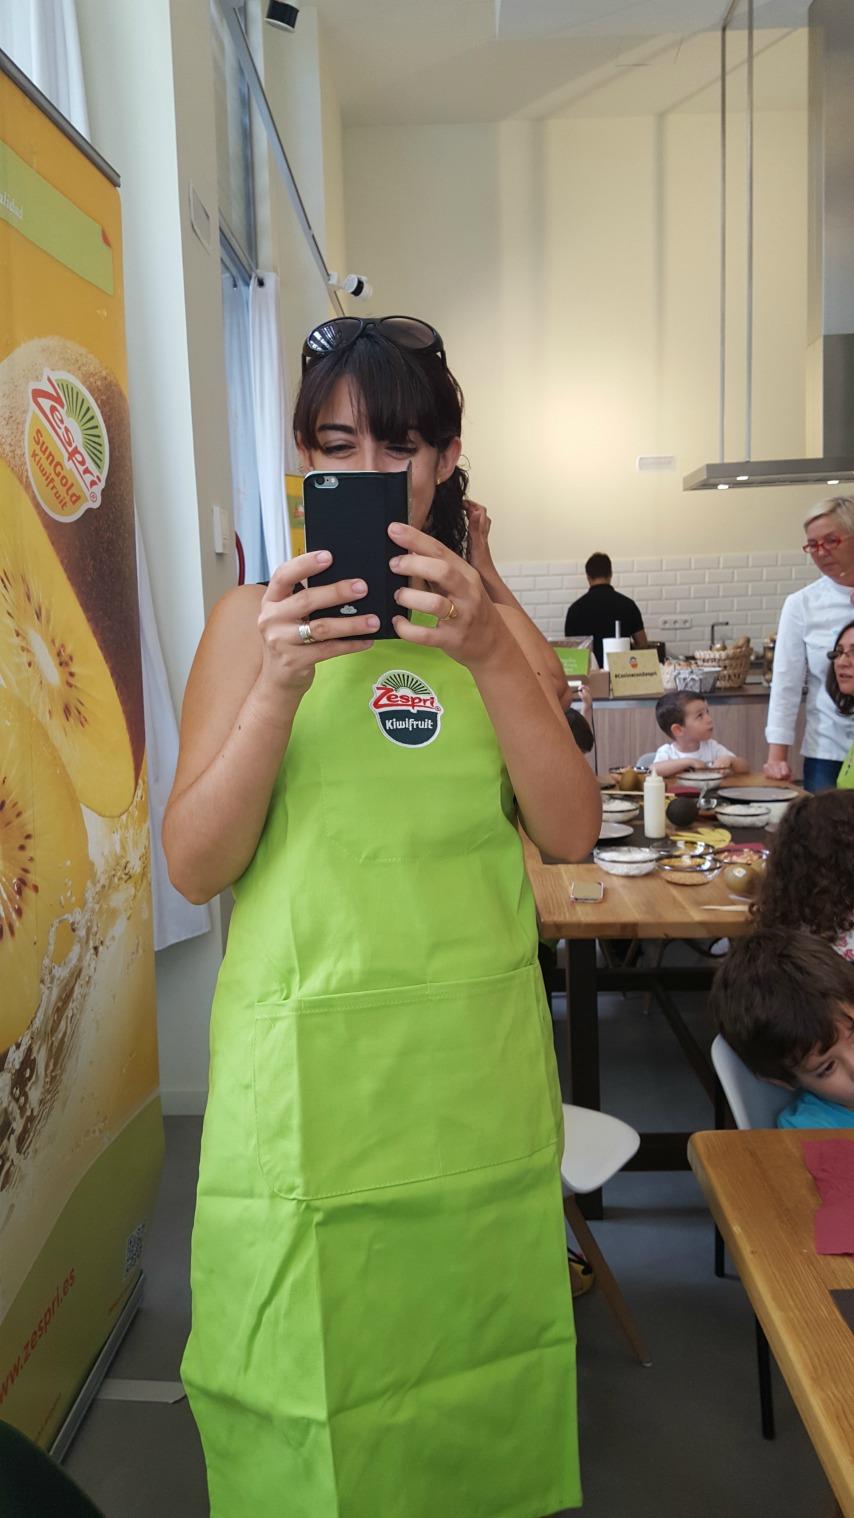 recetas-faciles-niños-taller-cocina-kiwi-amarillo-zespri-sungold